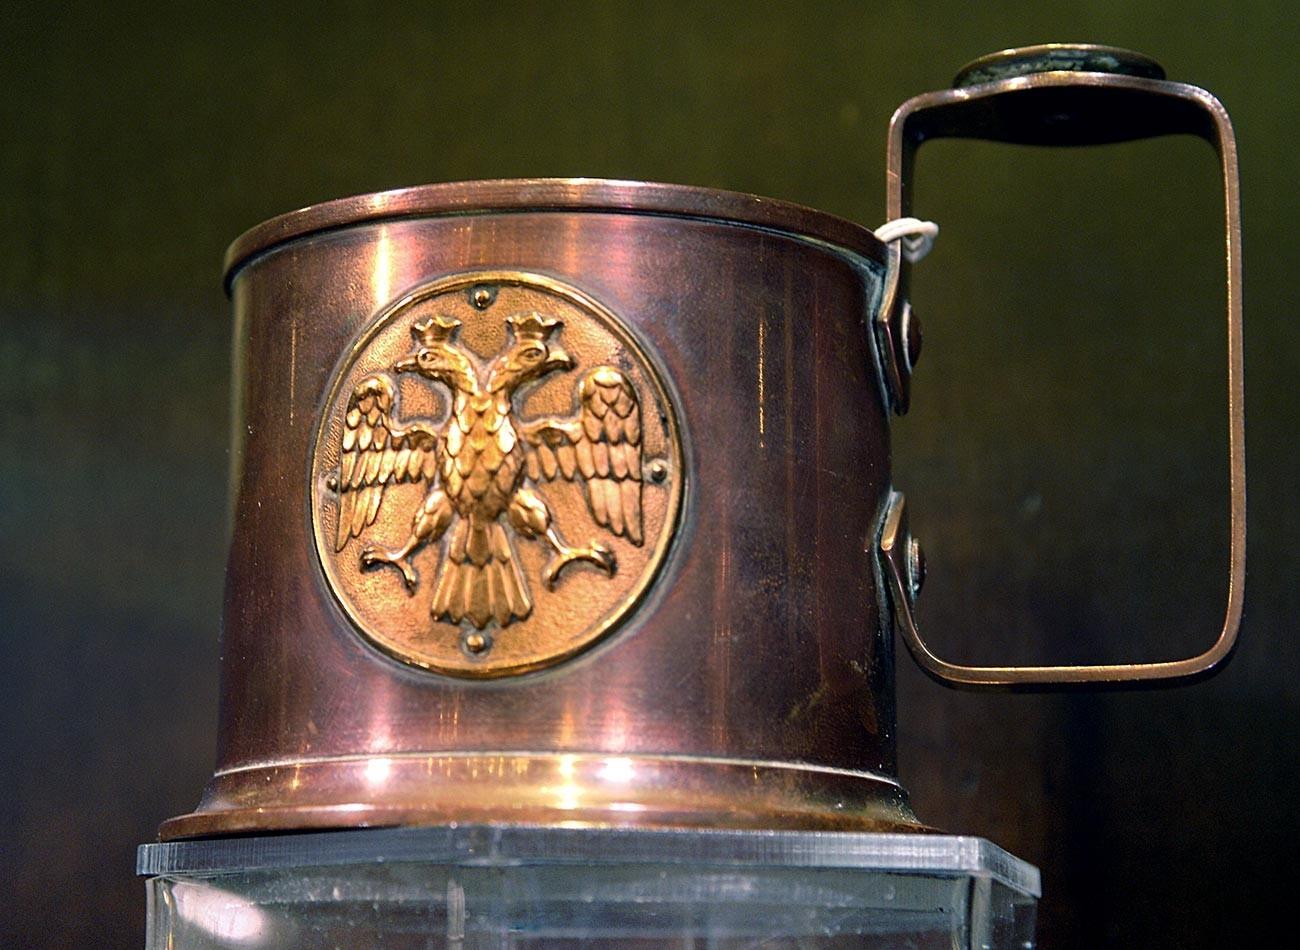 Podstakannik, ki ga je zasnoval Carl Faberge v letih 1914-1915